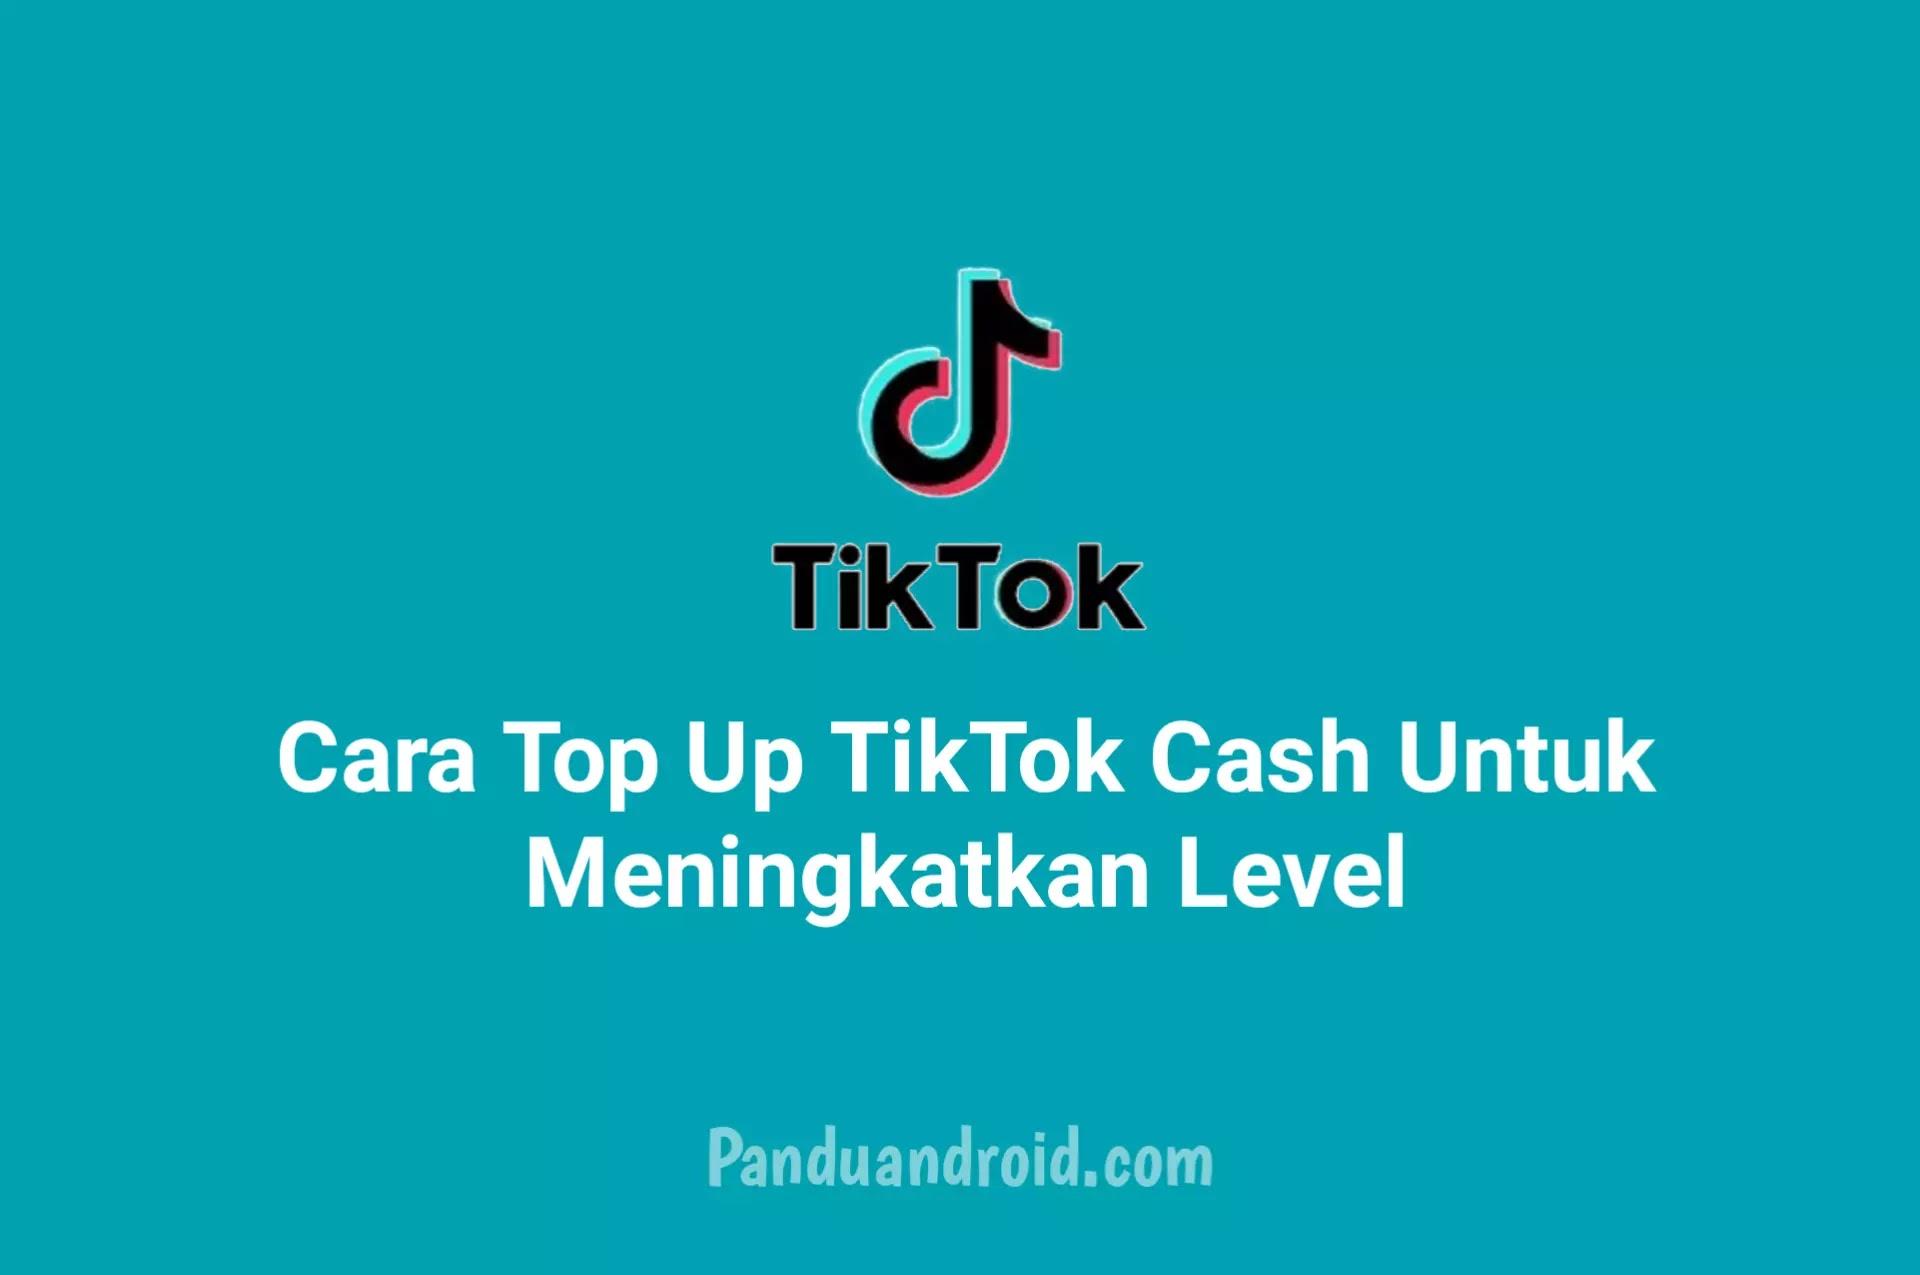 Cara Top Up TikTok Cash untuk Meningkatkan Level Keanggotaan